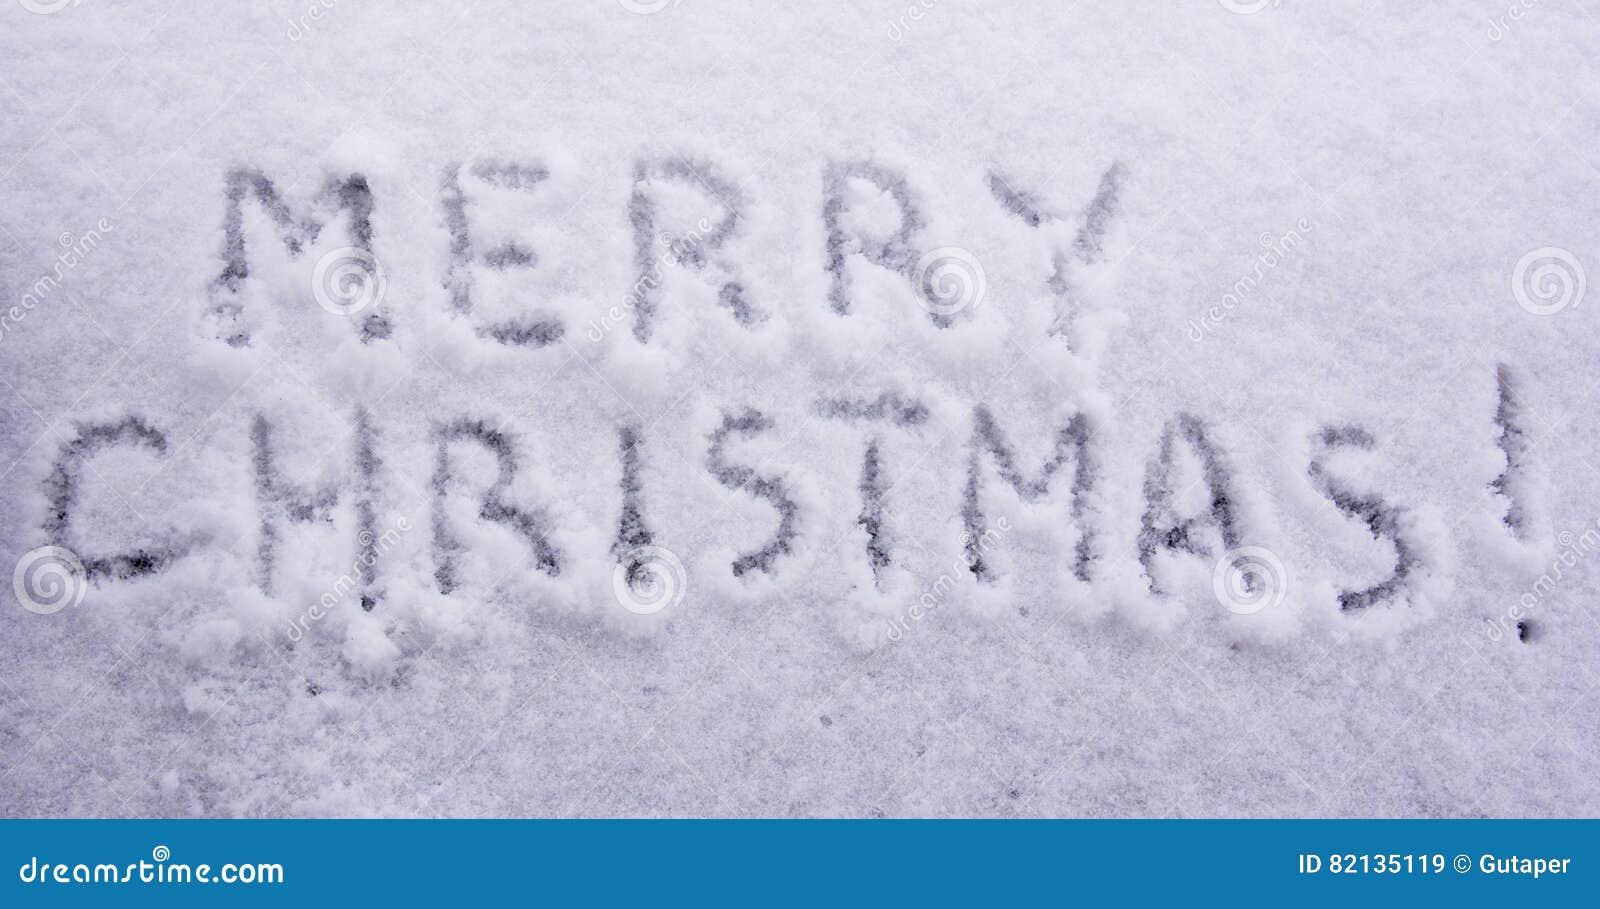 Schriftliche Wörter Frohe Weihnachten Auf Einem Weißen ...